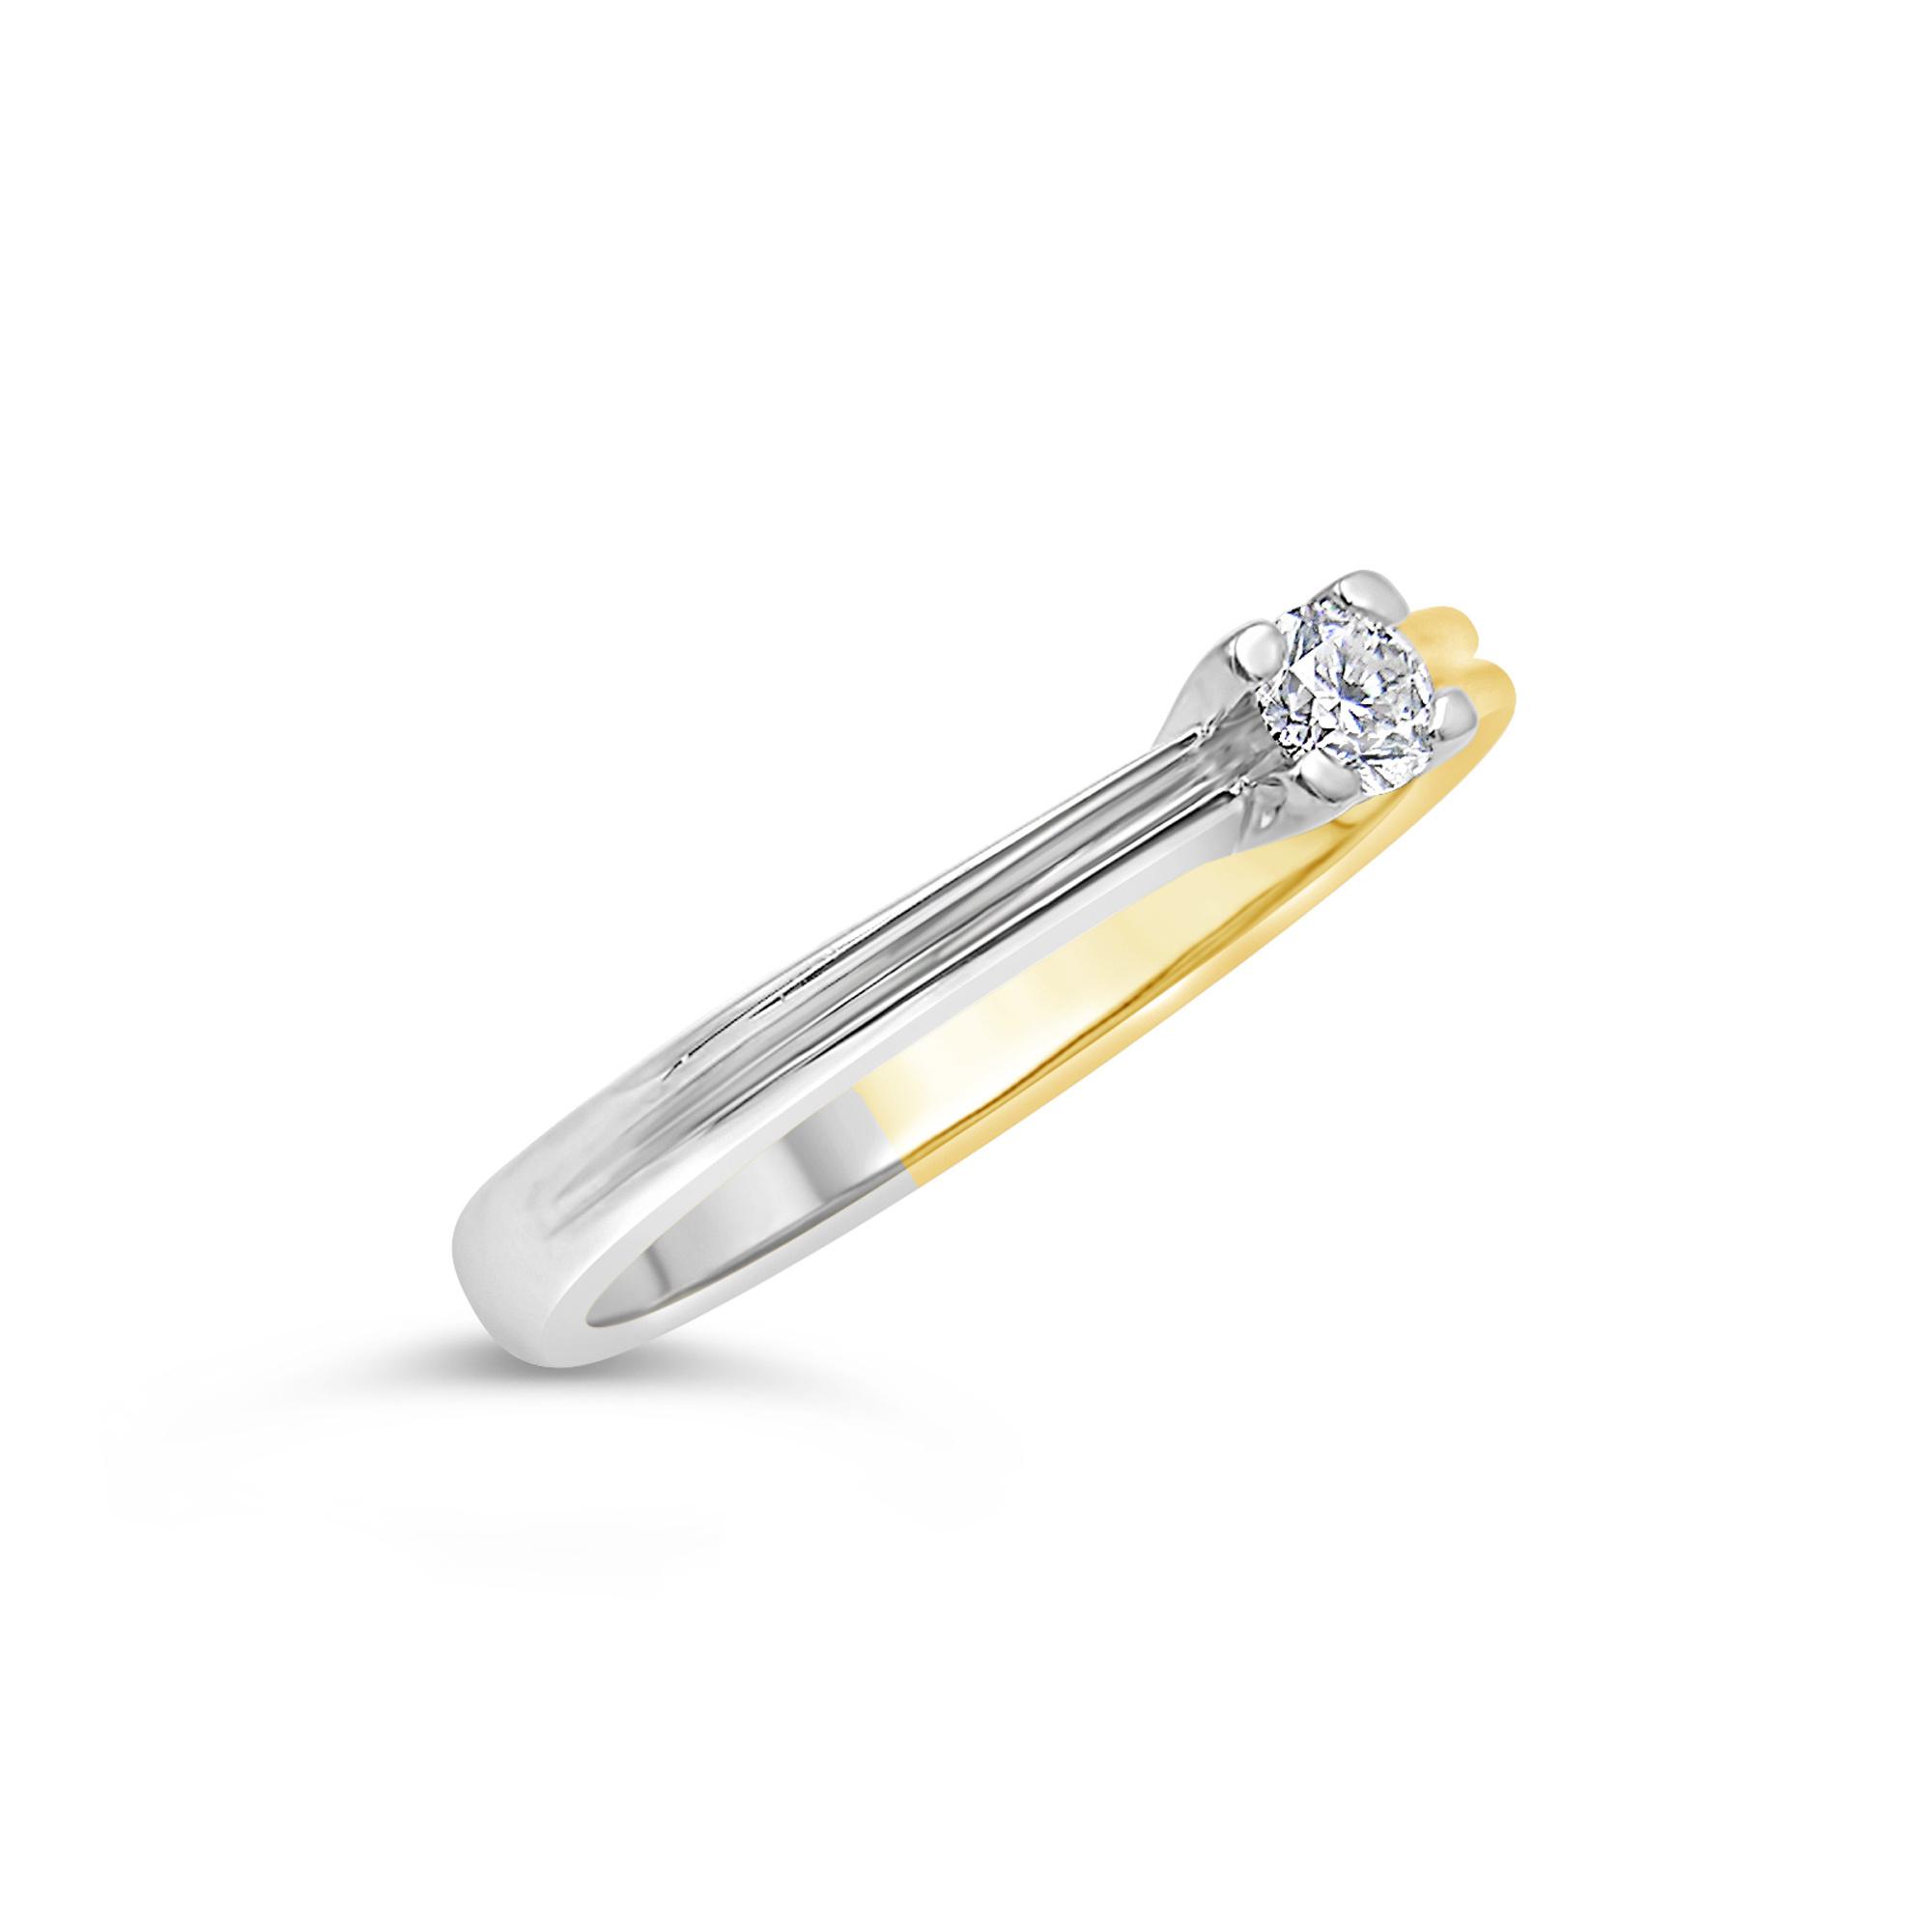 18kt geel en wit goud verlovingsring met 0.15 ct diamant